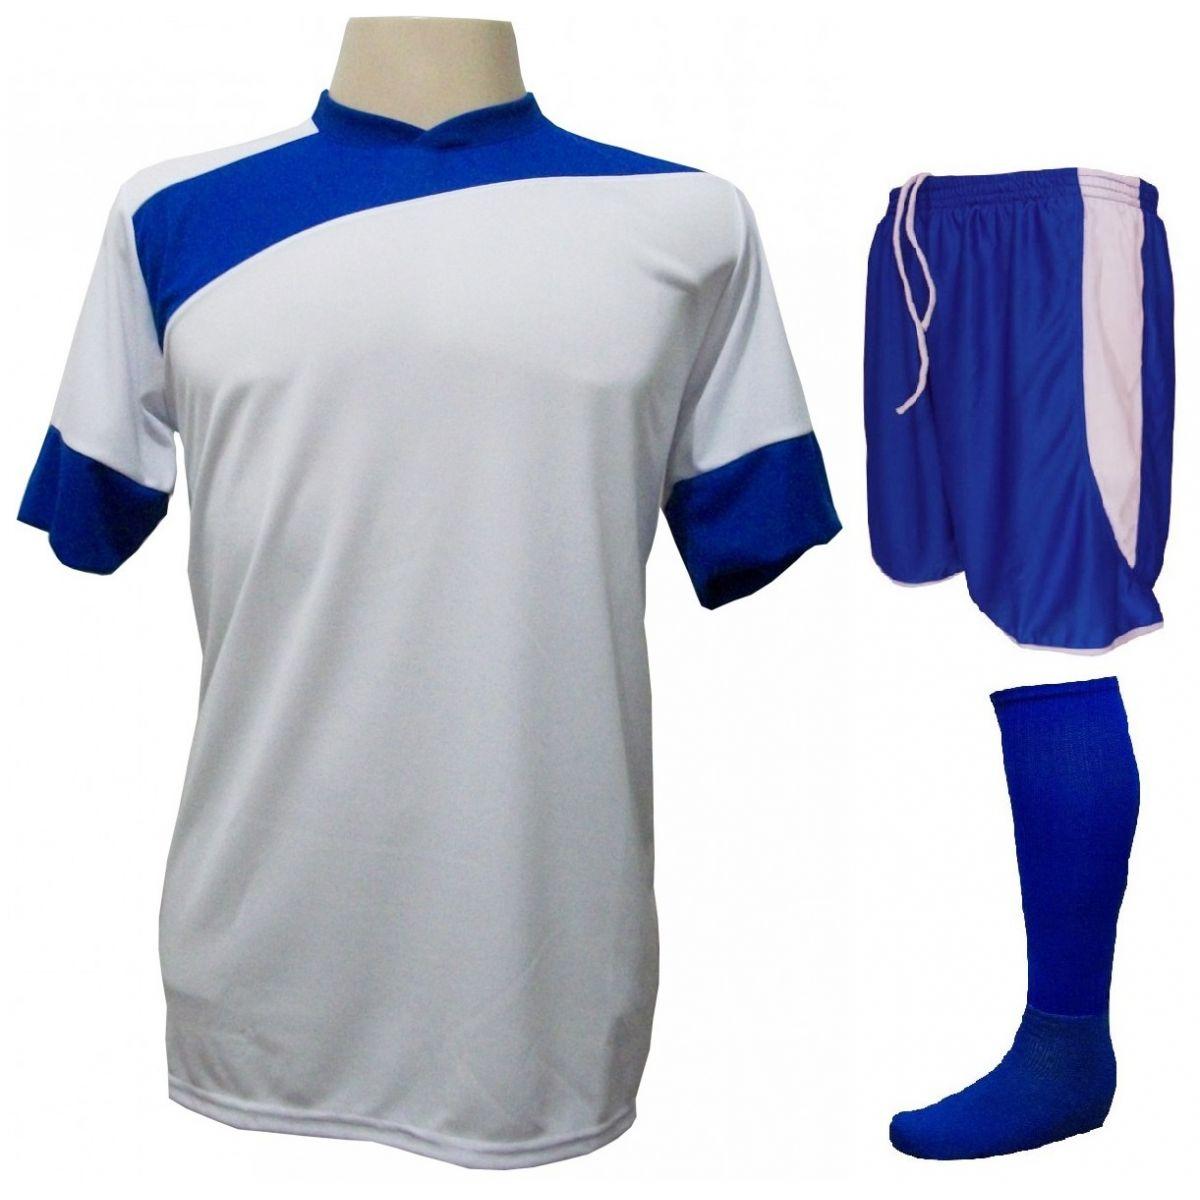 ffd497e42b Uniforme Esportivo Completo modelo Sporting 14+1 (14 camisas Branco Royal + 14  calções modelo Copa Royal Branco + 14 pares de meiões Royal + 1 conjunto de  ...